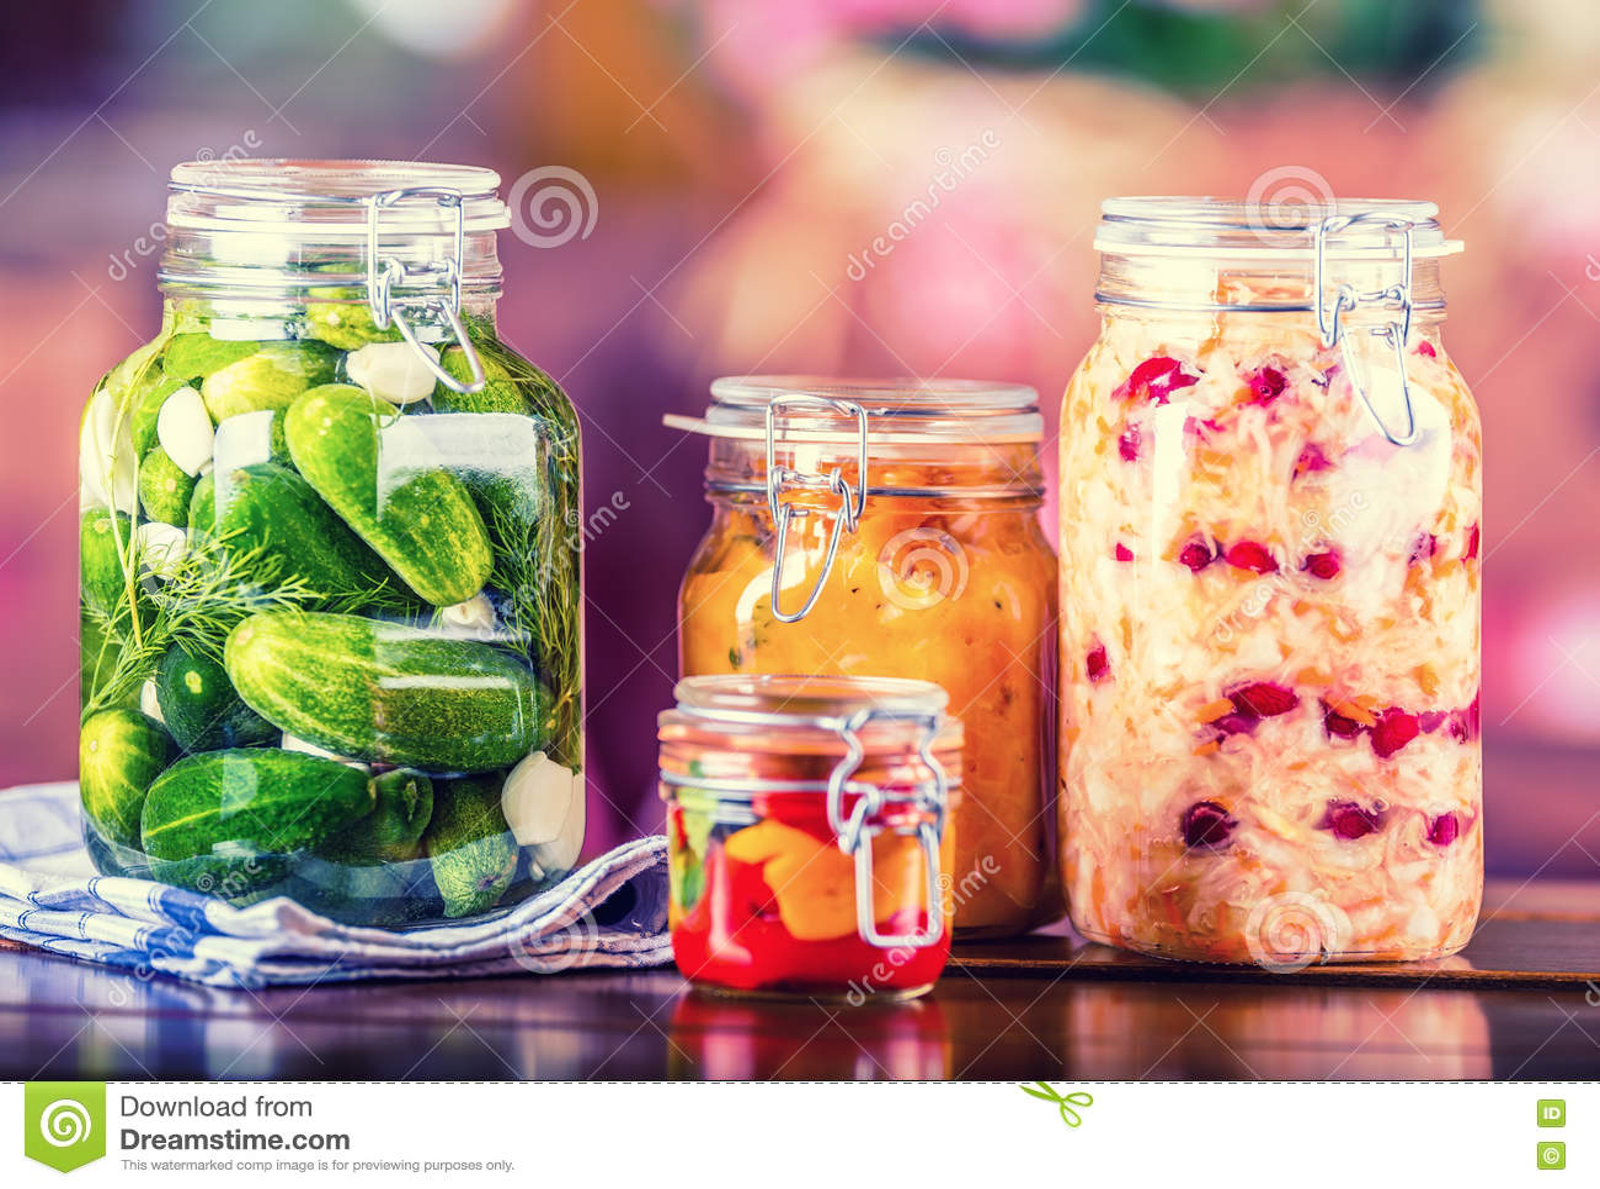 Bevara Knipakrus Krus med knipor, pumpadopp, vit kål, grillad röd gul peppar inlagda grönsaker